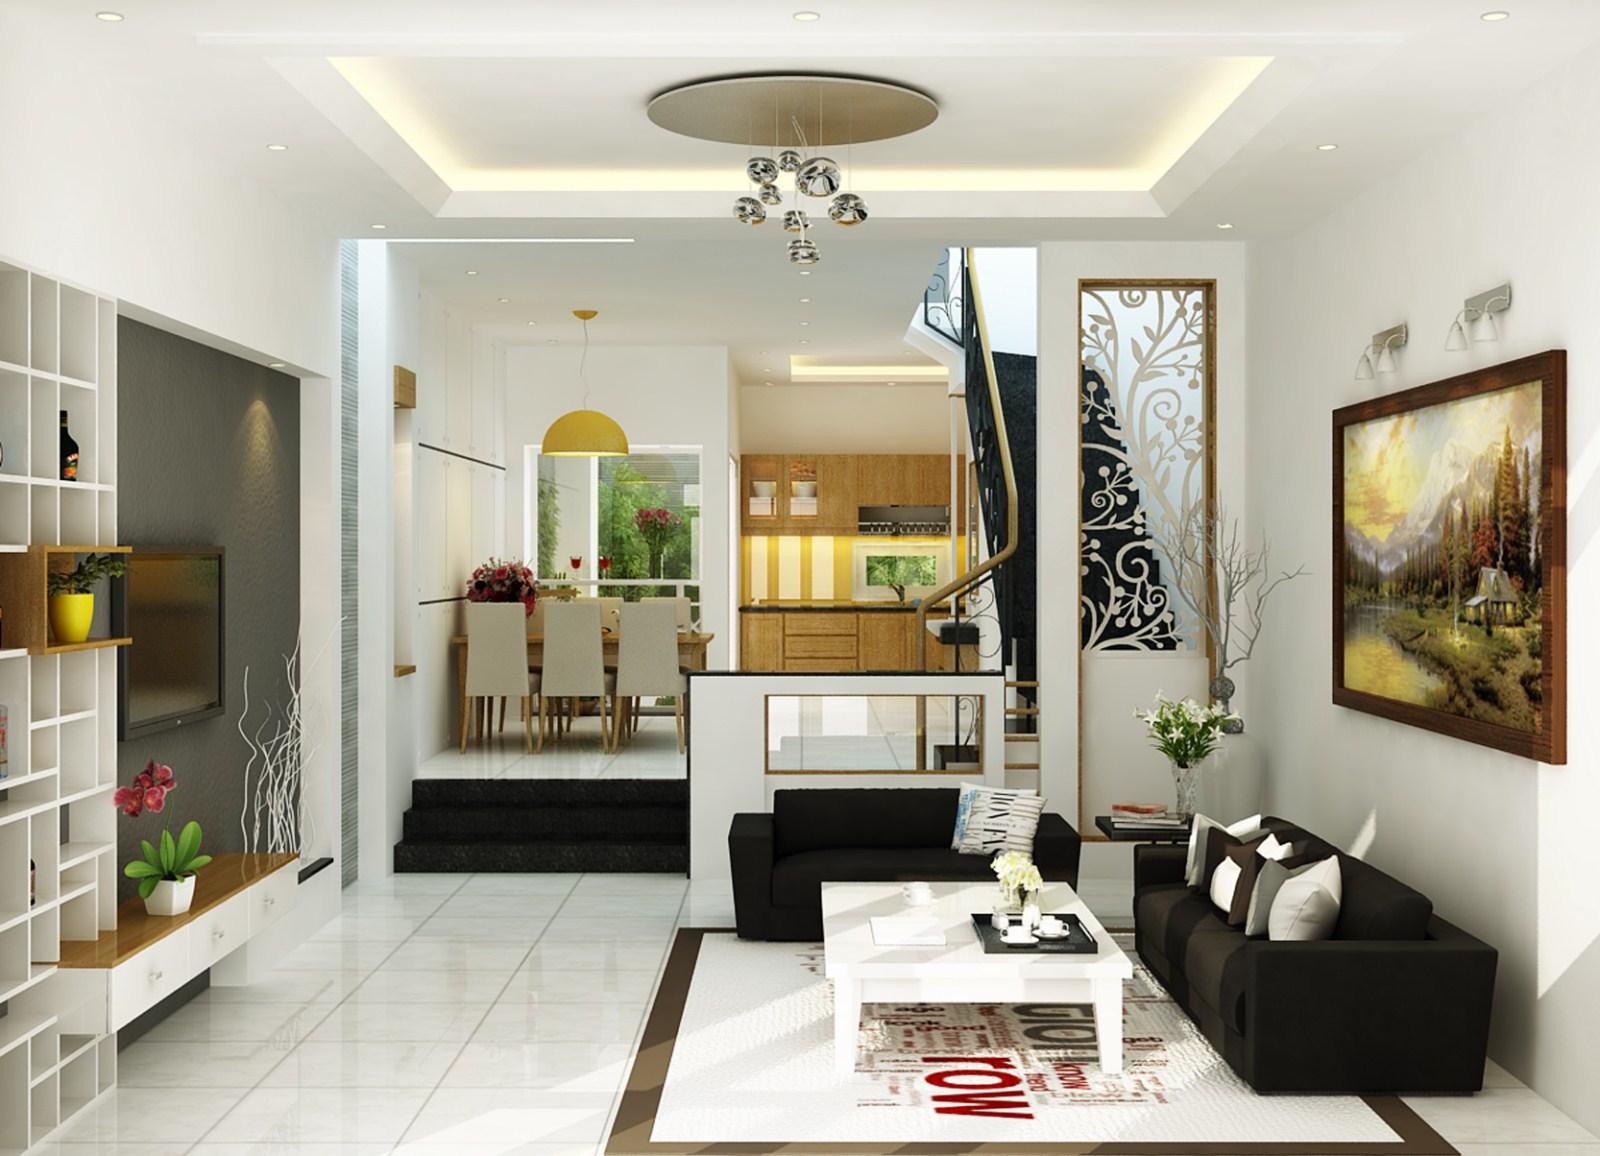 vách ngăn trang trí phòng khách và bếp